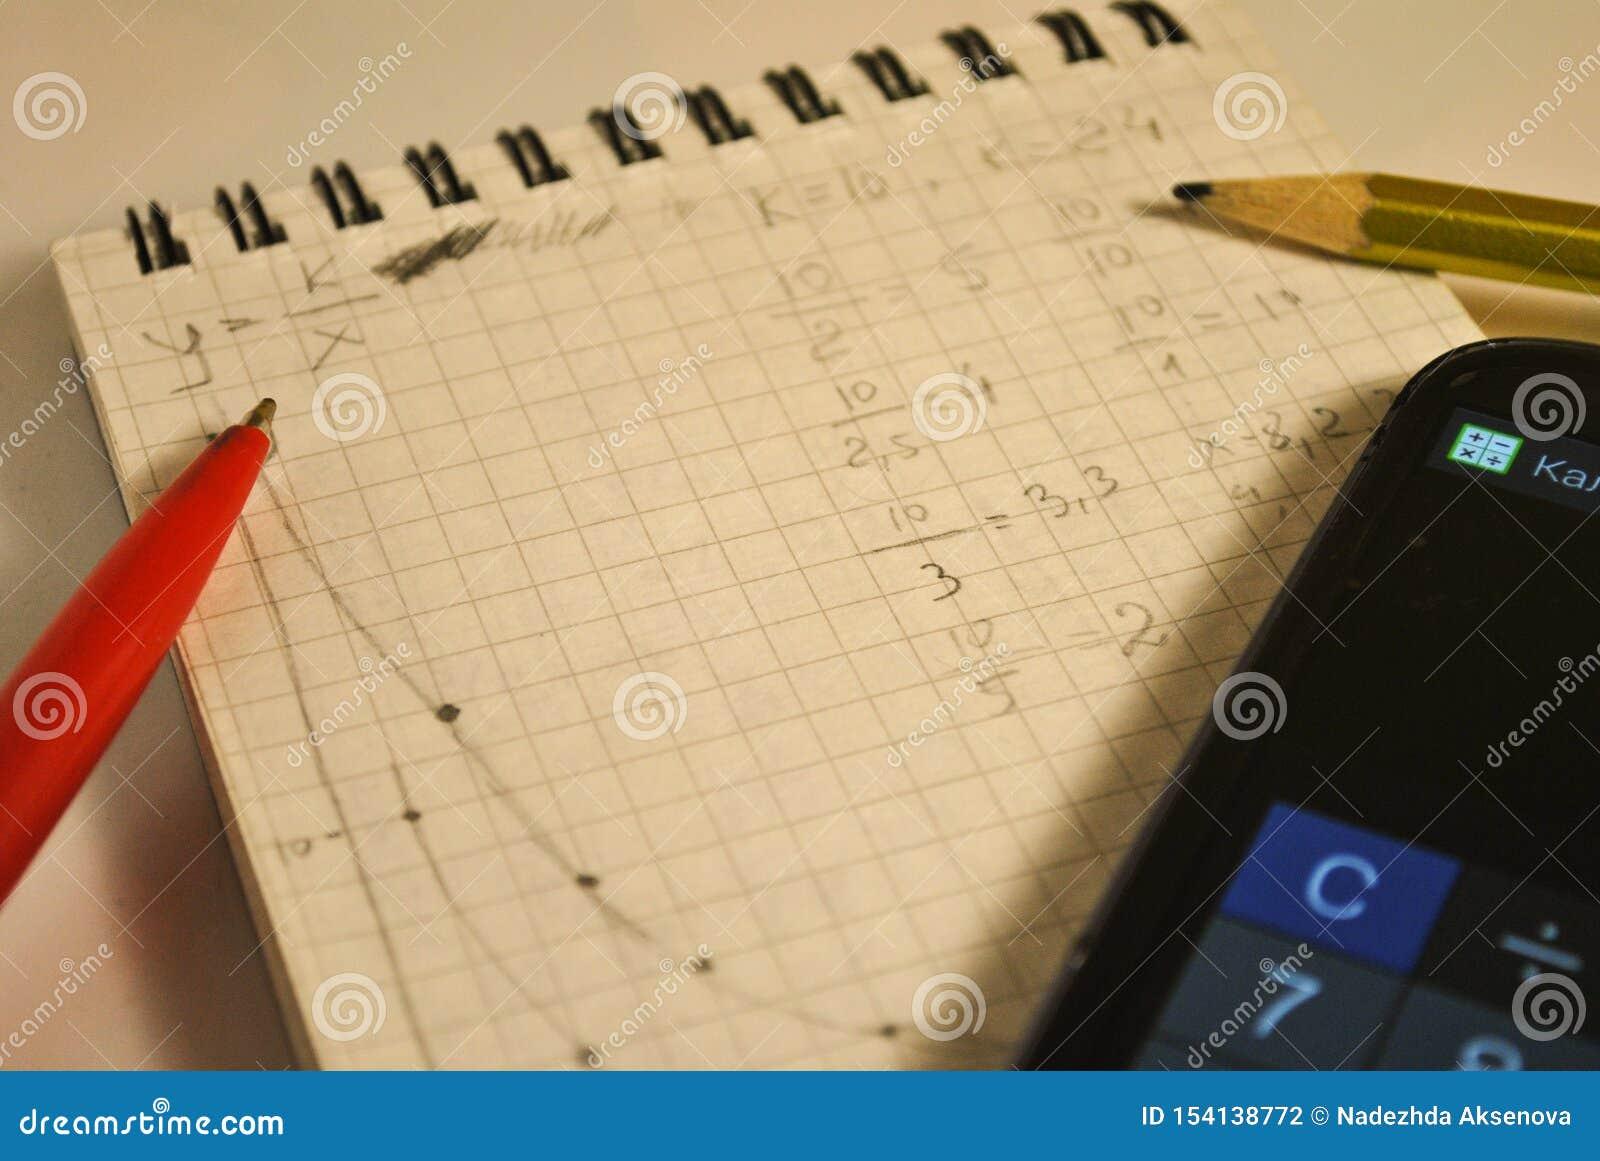 Anteckningsbok formler, matematiska diagram, läxa, mobiltelefon